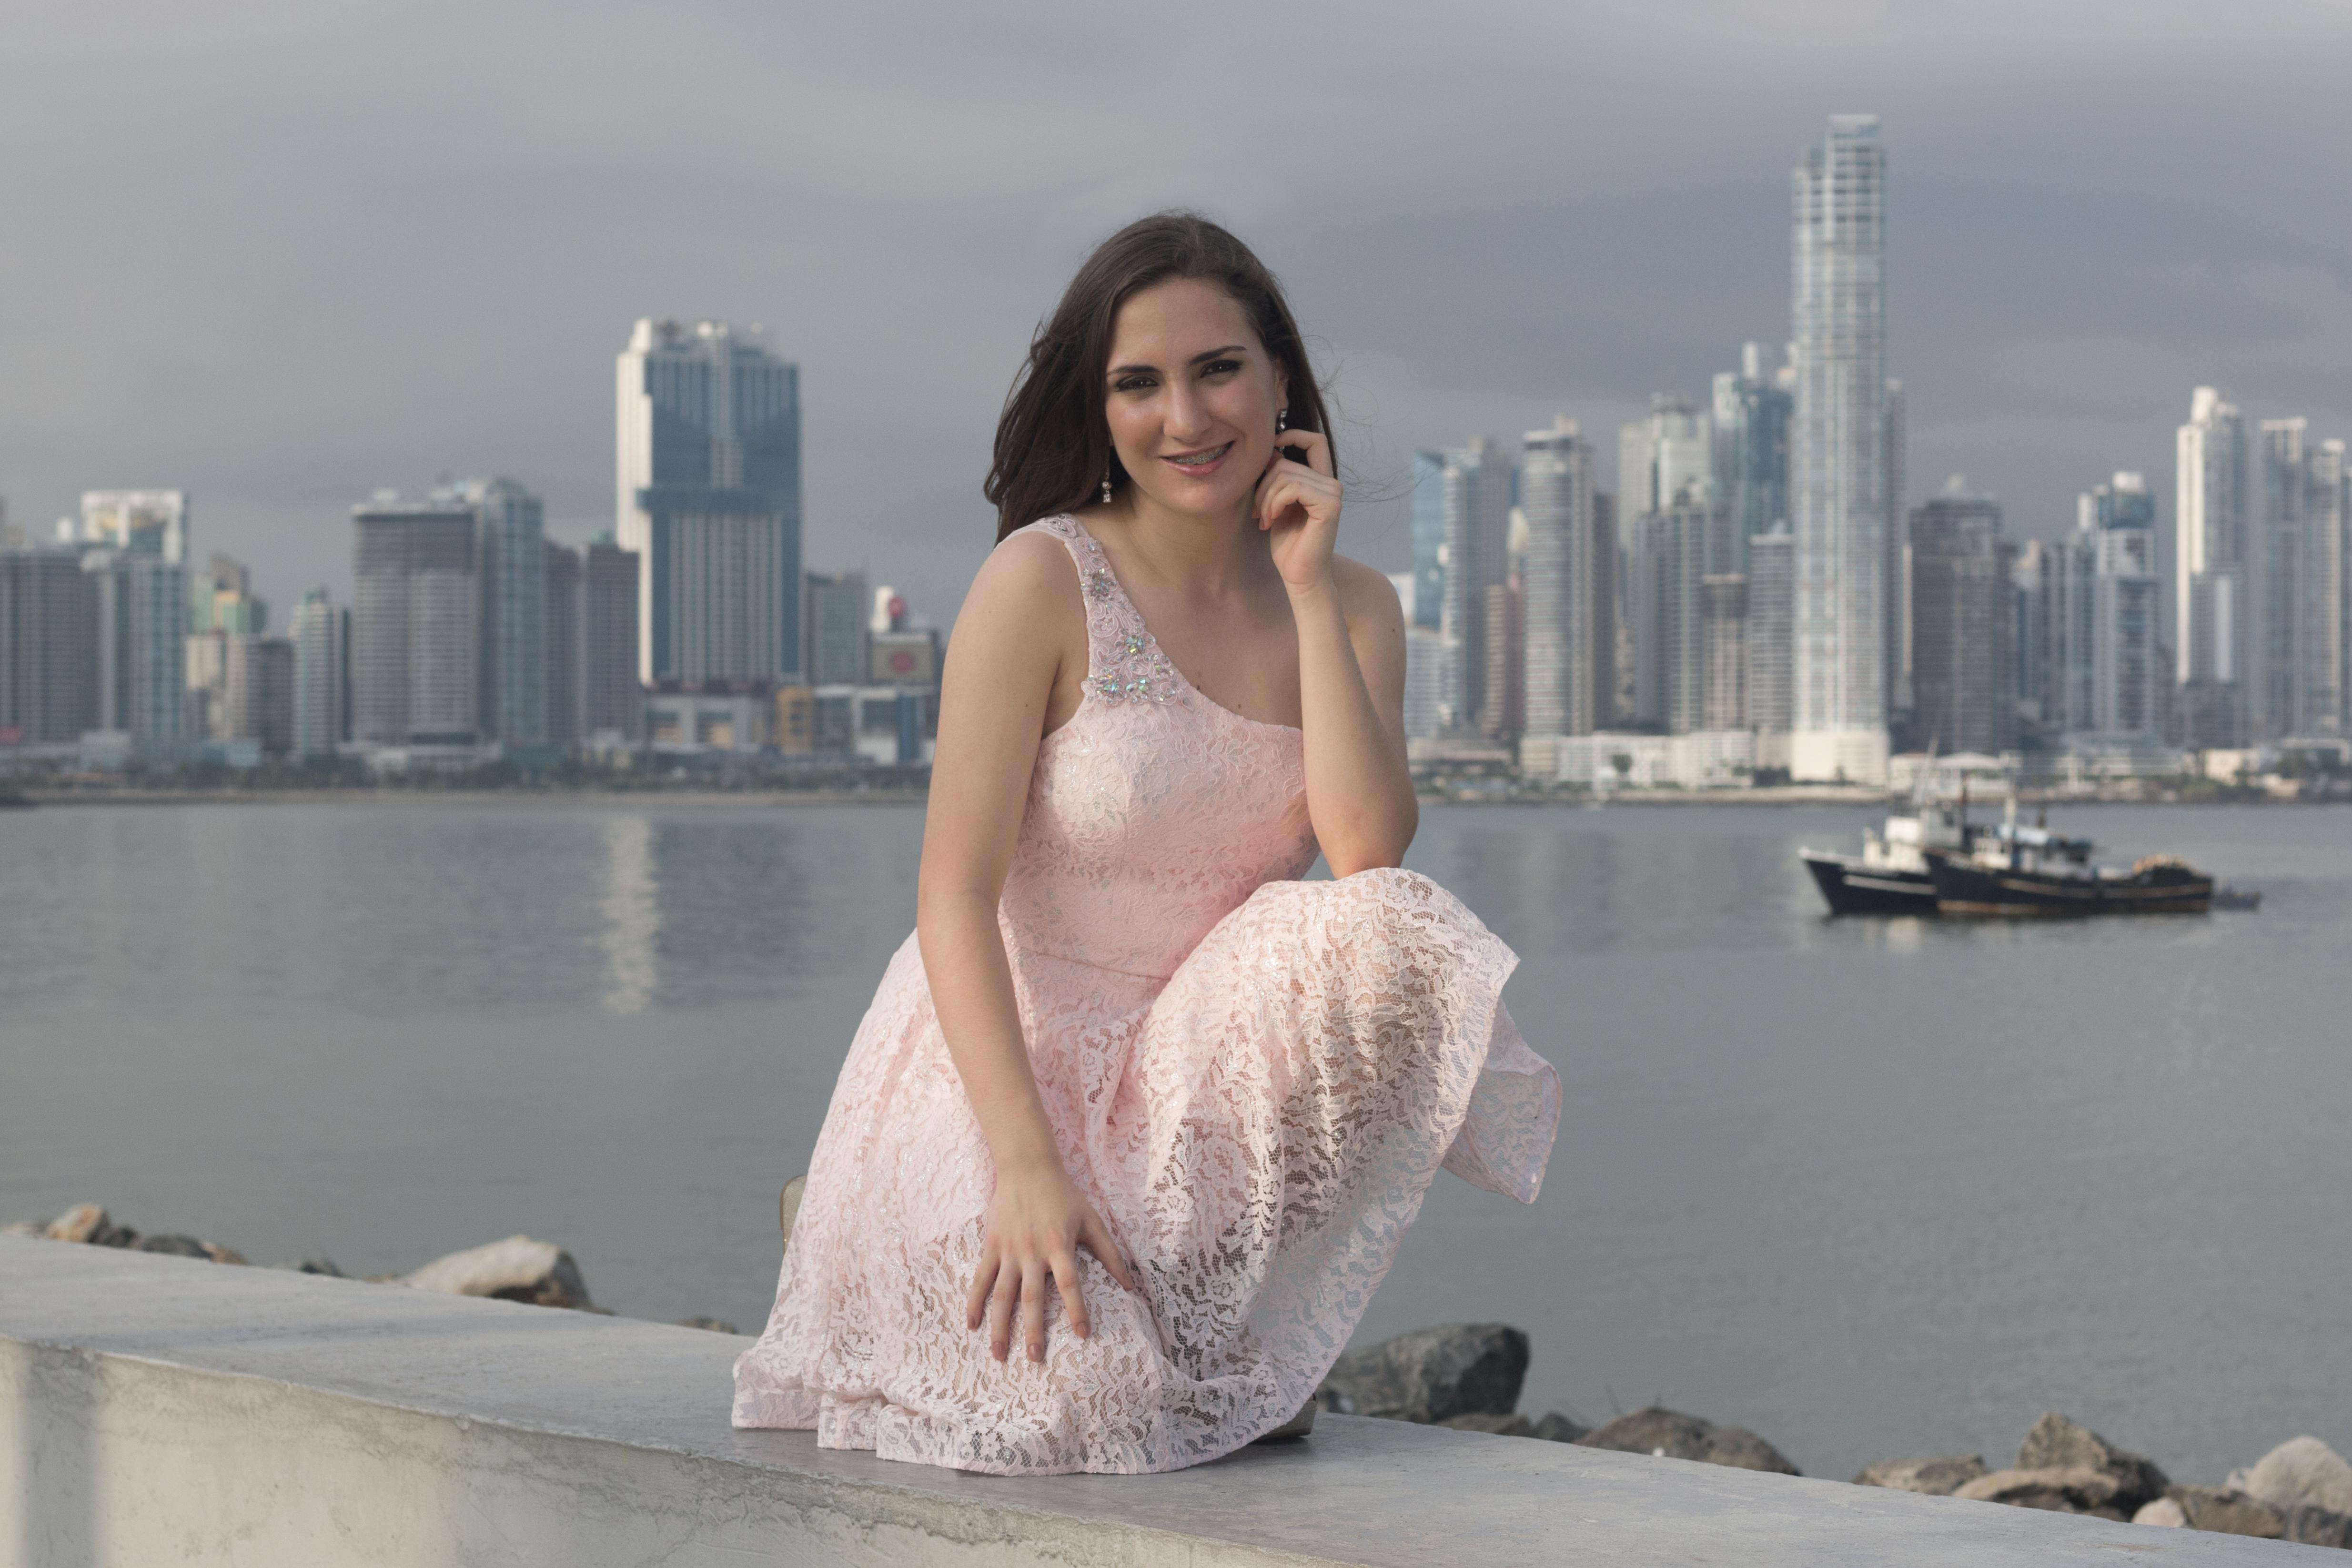 15 años, sesión fotográfica, Panamá